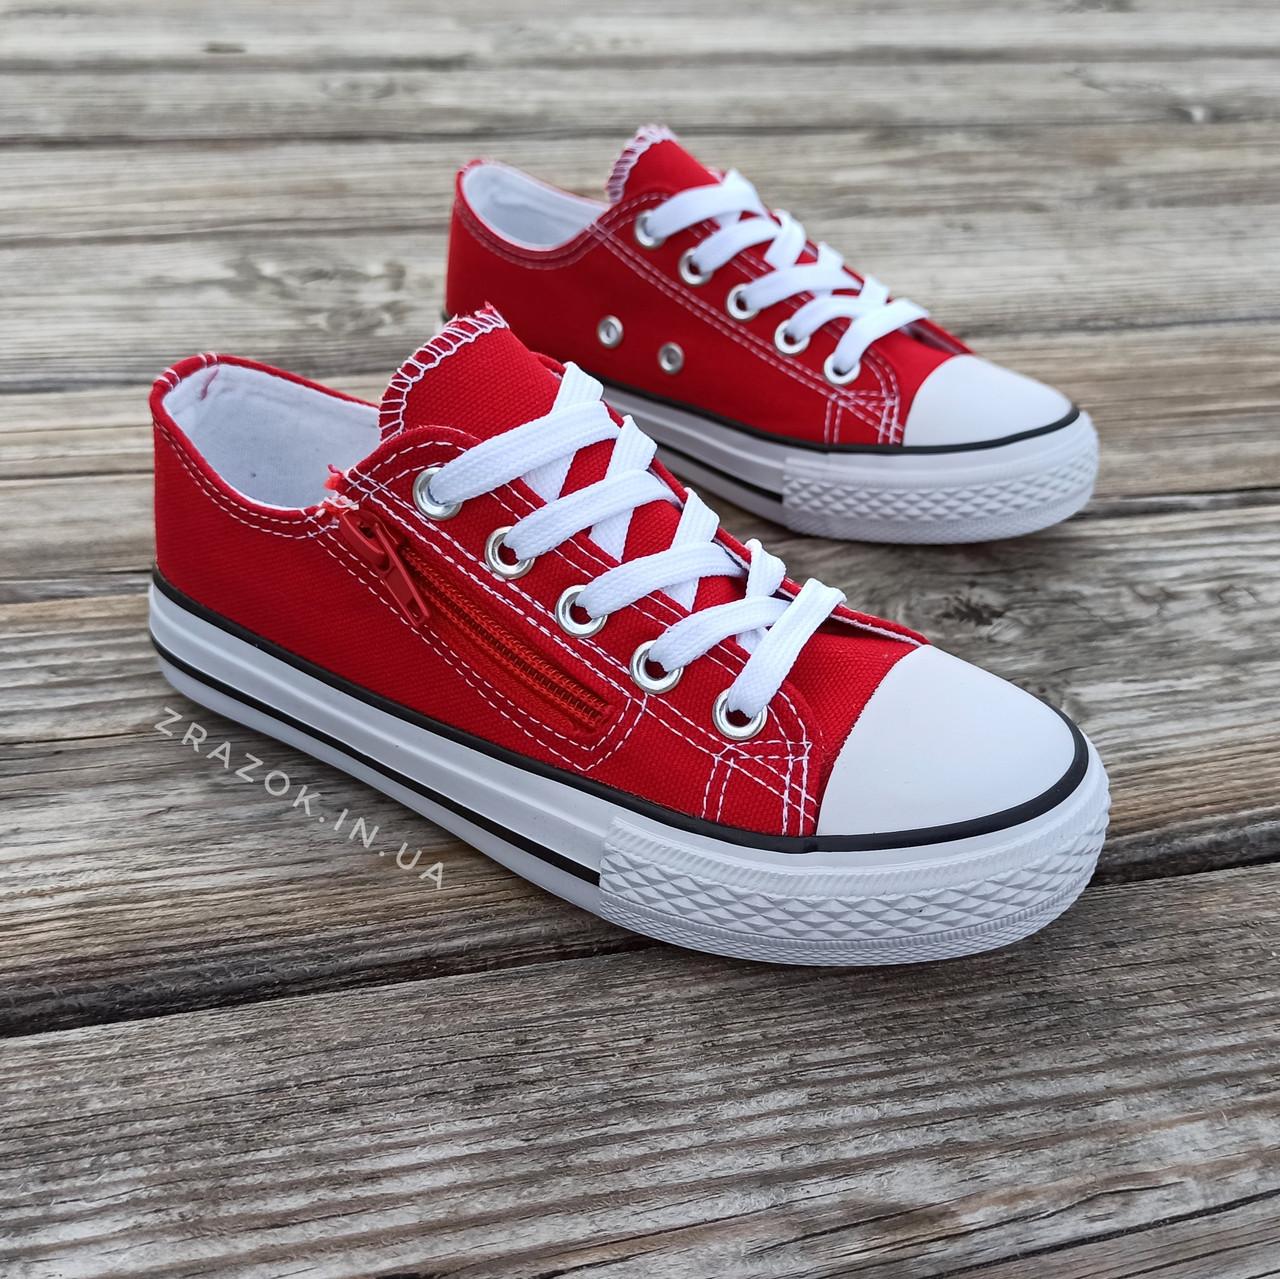 Кеди дитячі червоні конверси на змійці шнурках кросівки в стилі converse червоні дитячі кросівки кеді